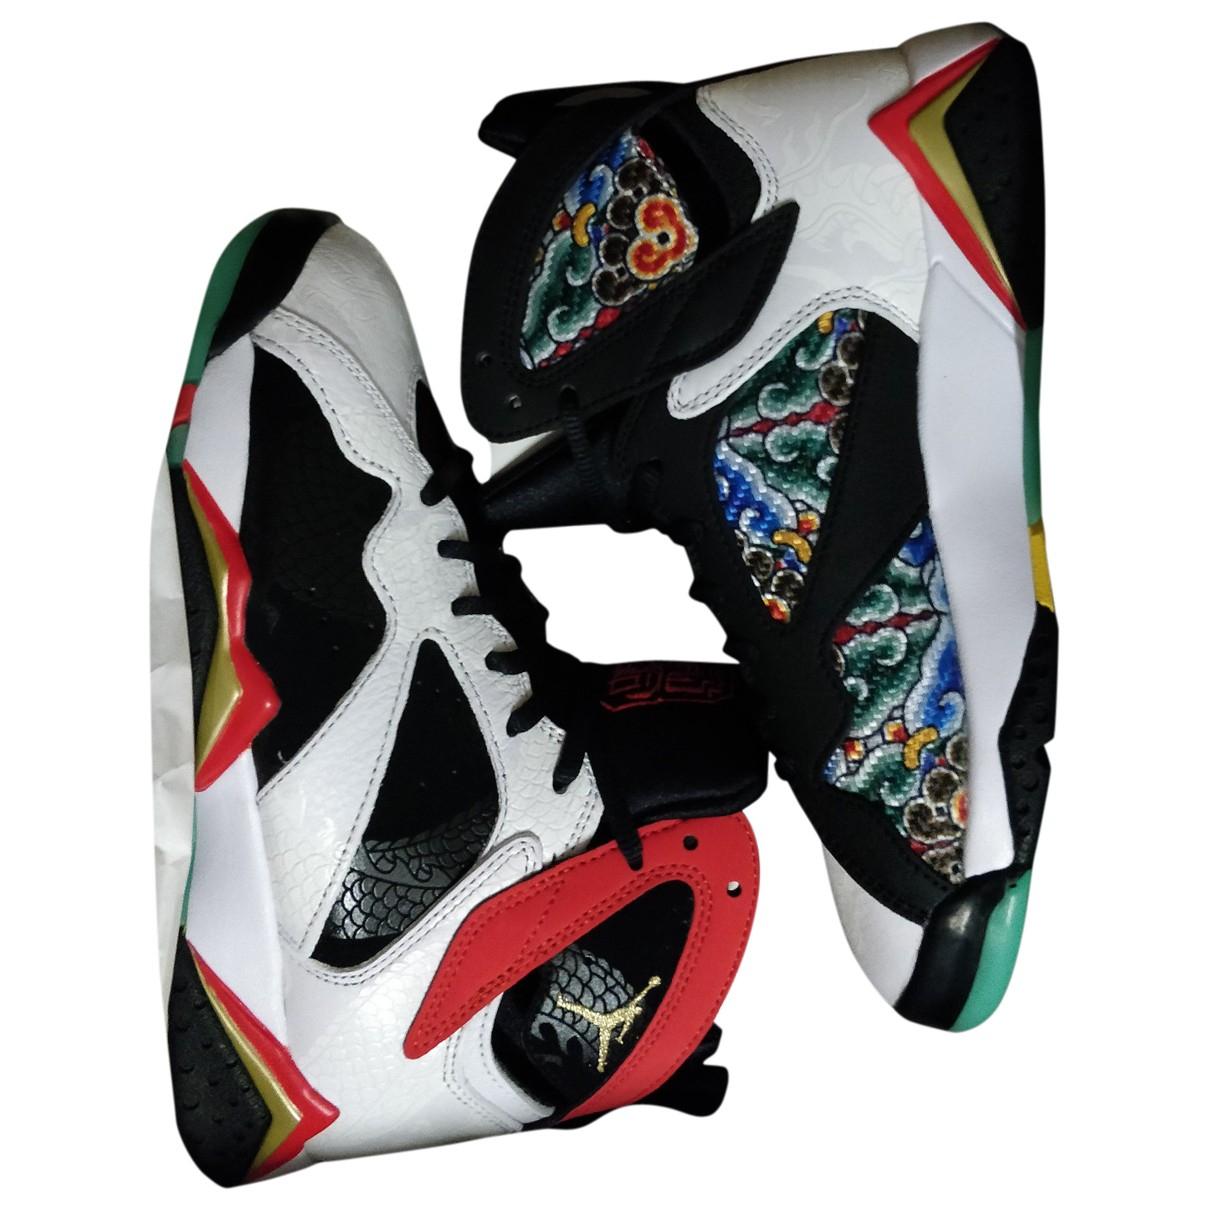 Jordan Air Jordan 7 Sneakers in  Bunt Kunststoff